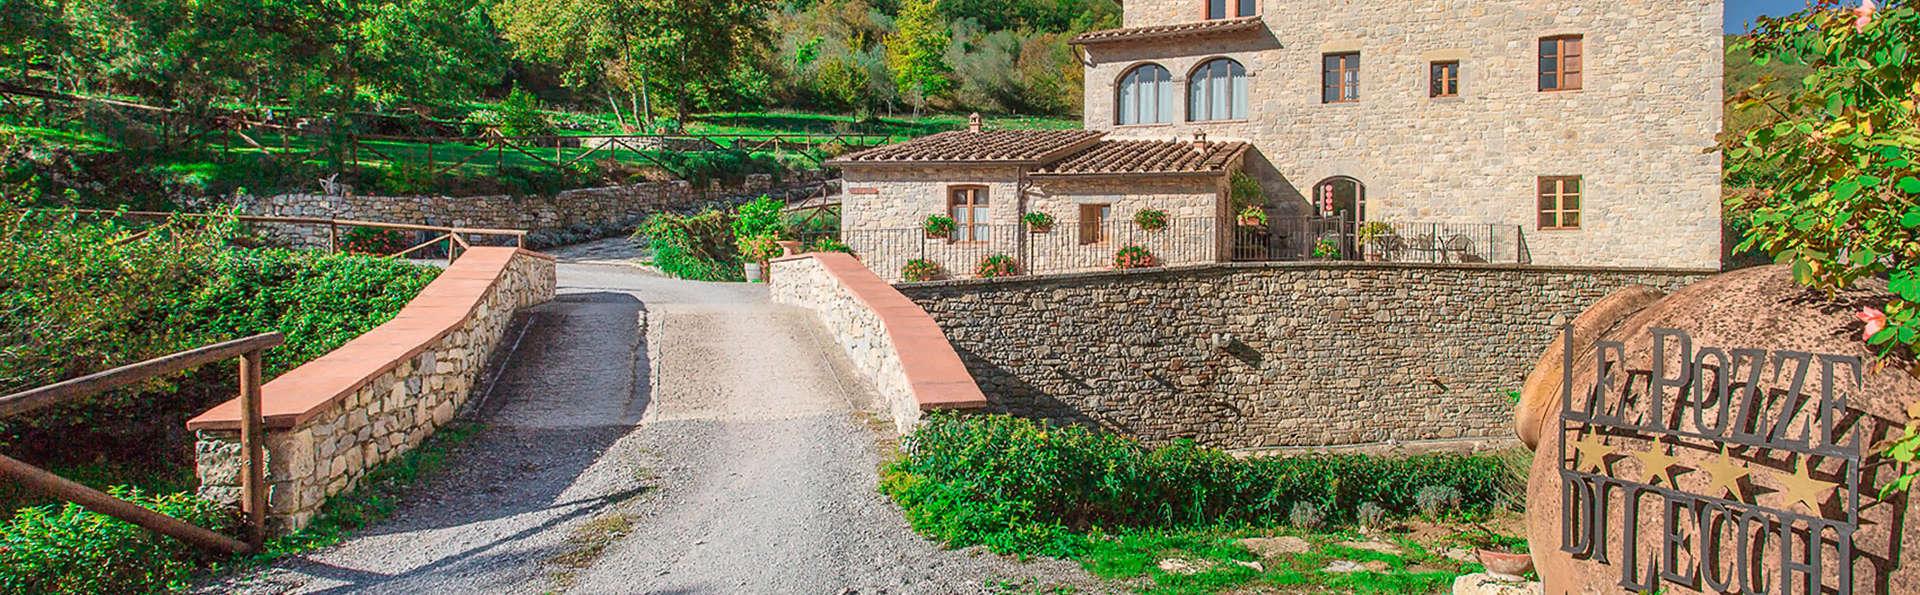 Hotel Le Pozze Di Lecchi Hotel Le Pozze Di Lecchi 4 Gaiole In Chianti Italia